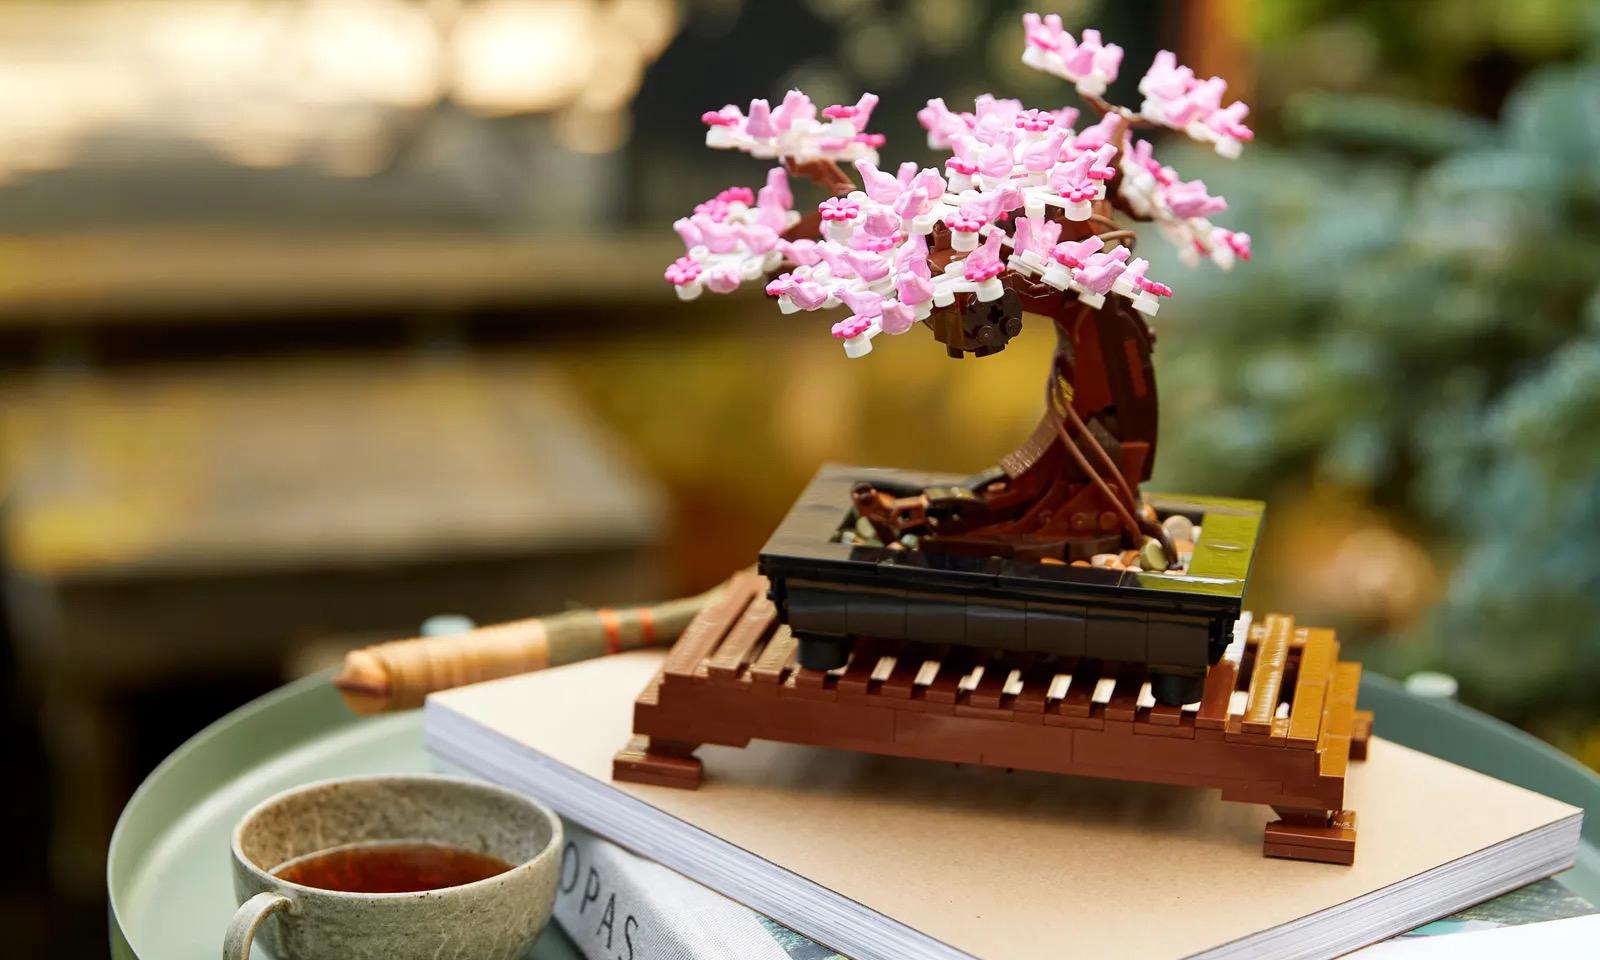 花束后还有盆景,LEGO 10281 Bonsai Tree 盒组发布